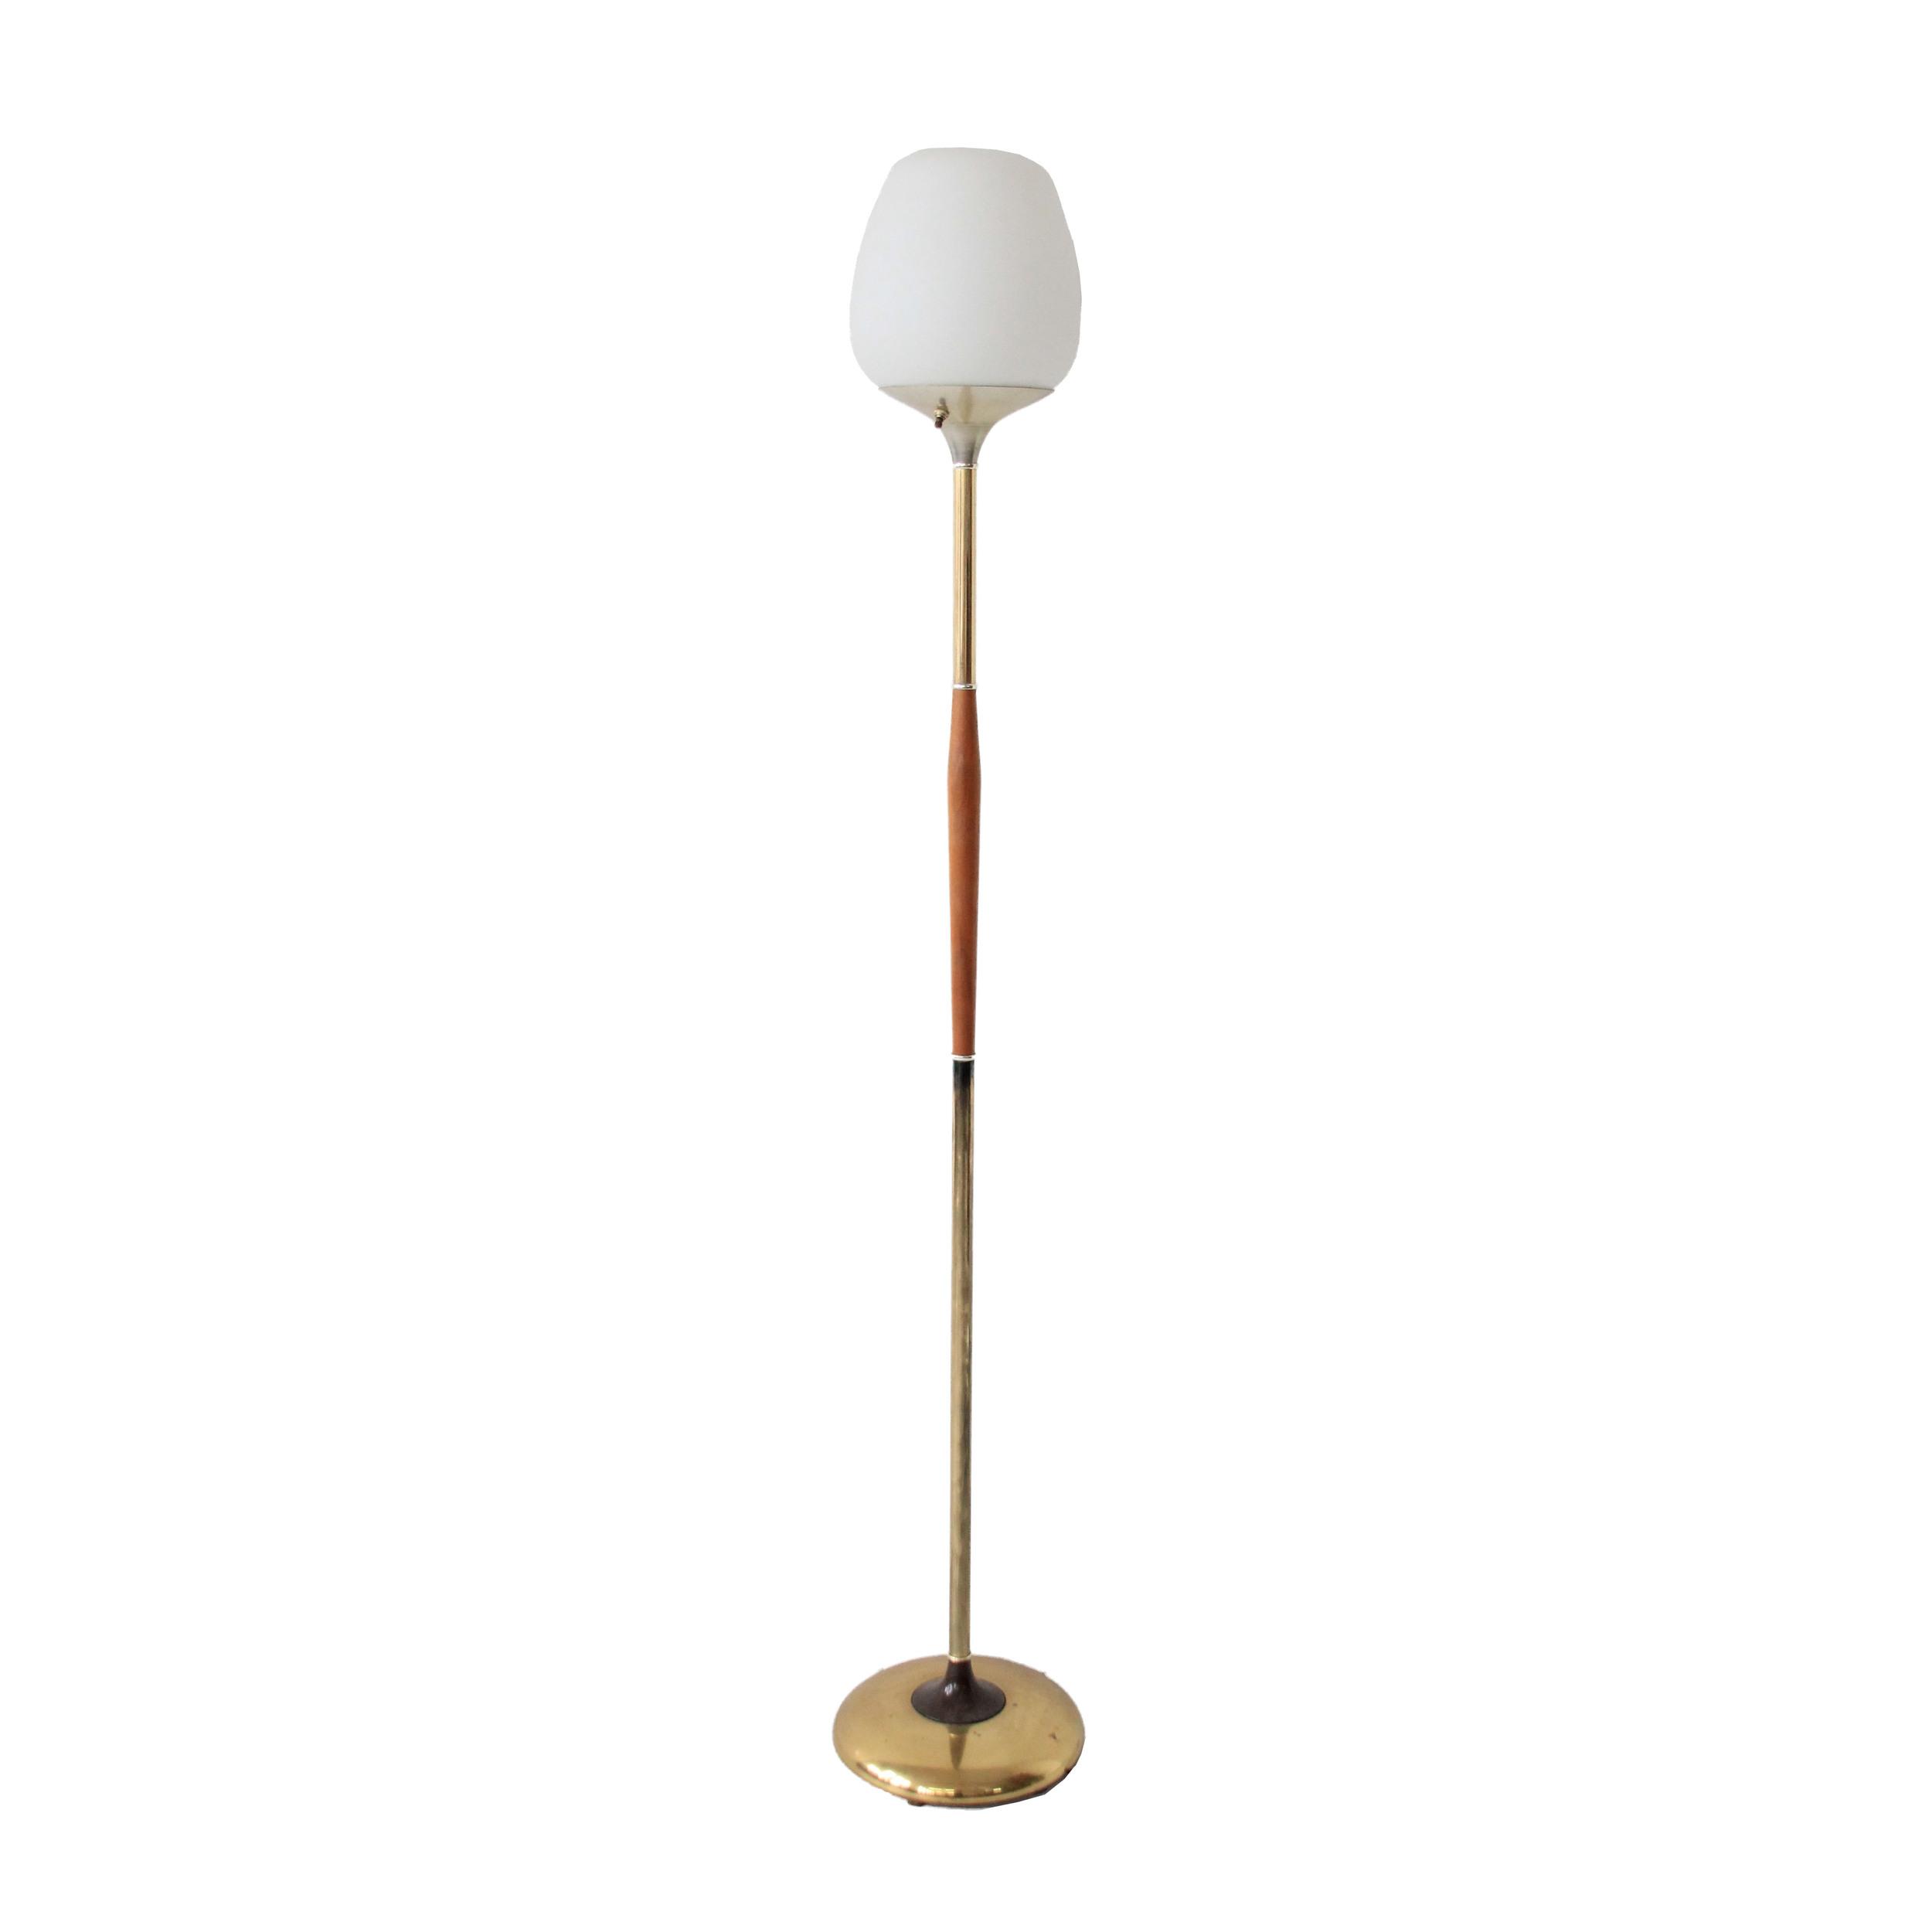 Vintage Mid Century Modern Floor Lamp